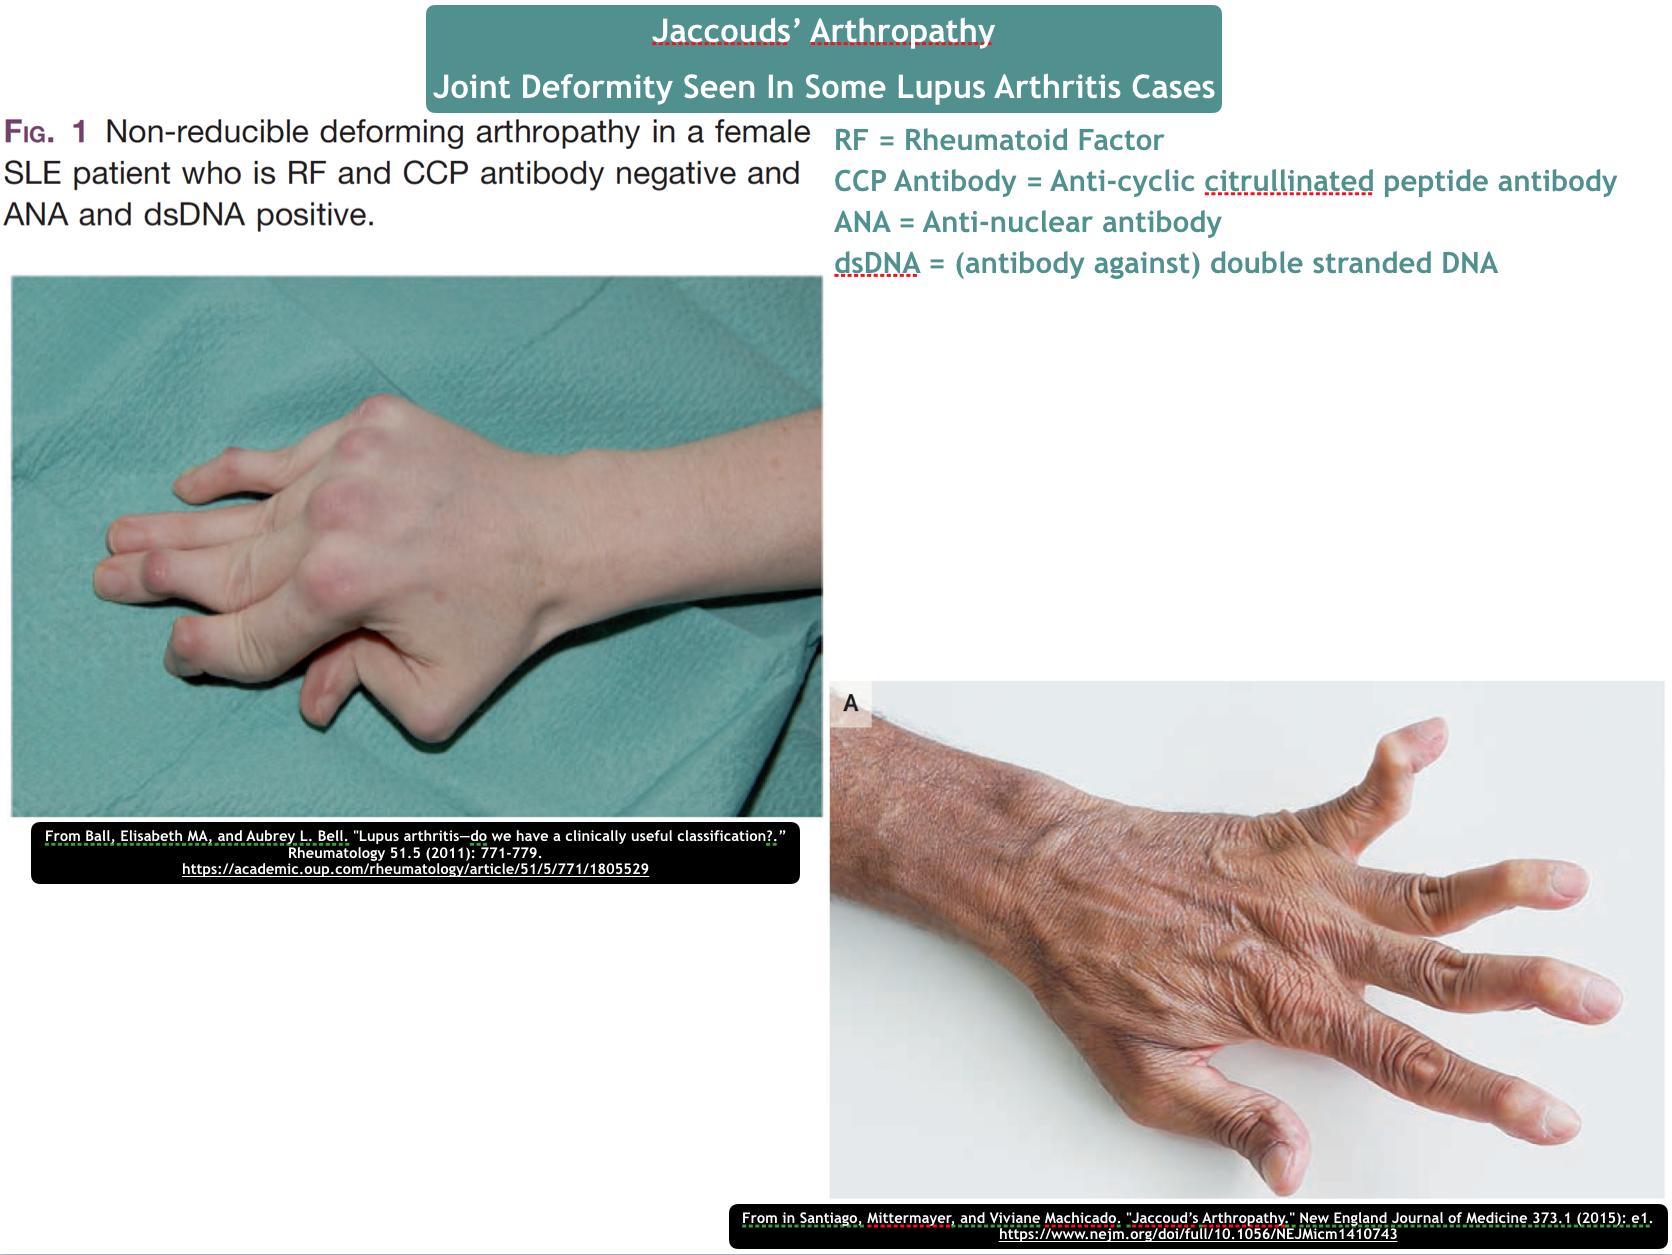 What are Lupus hands? - Quora